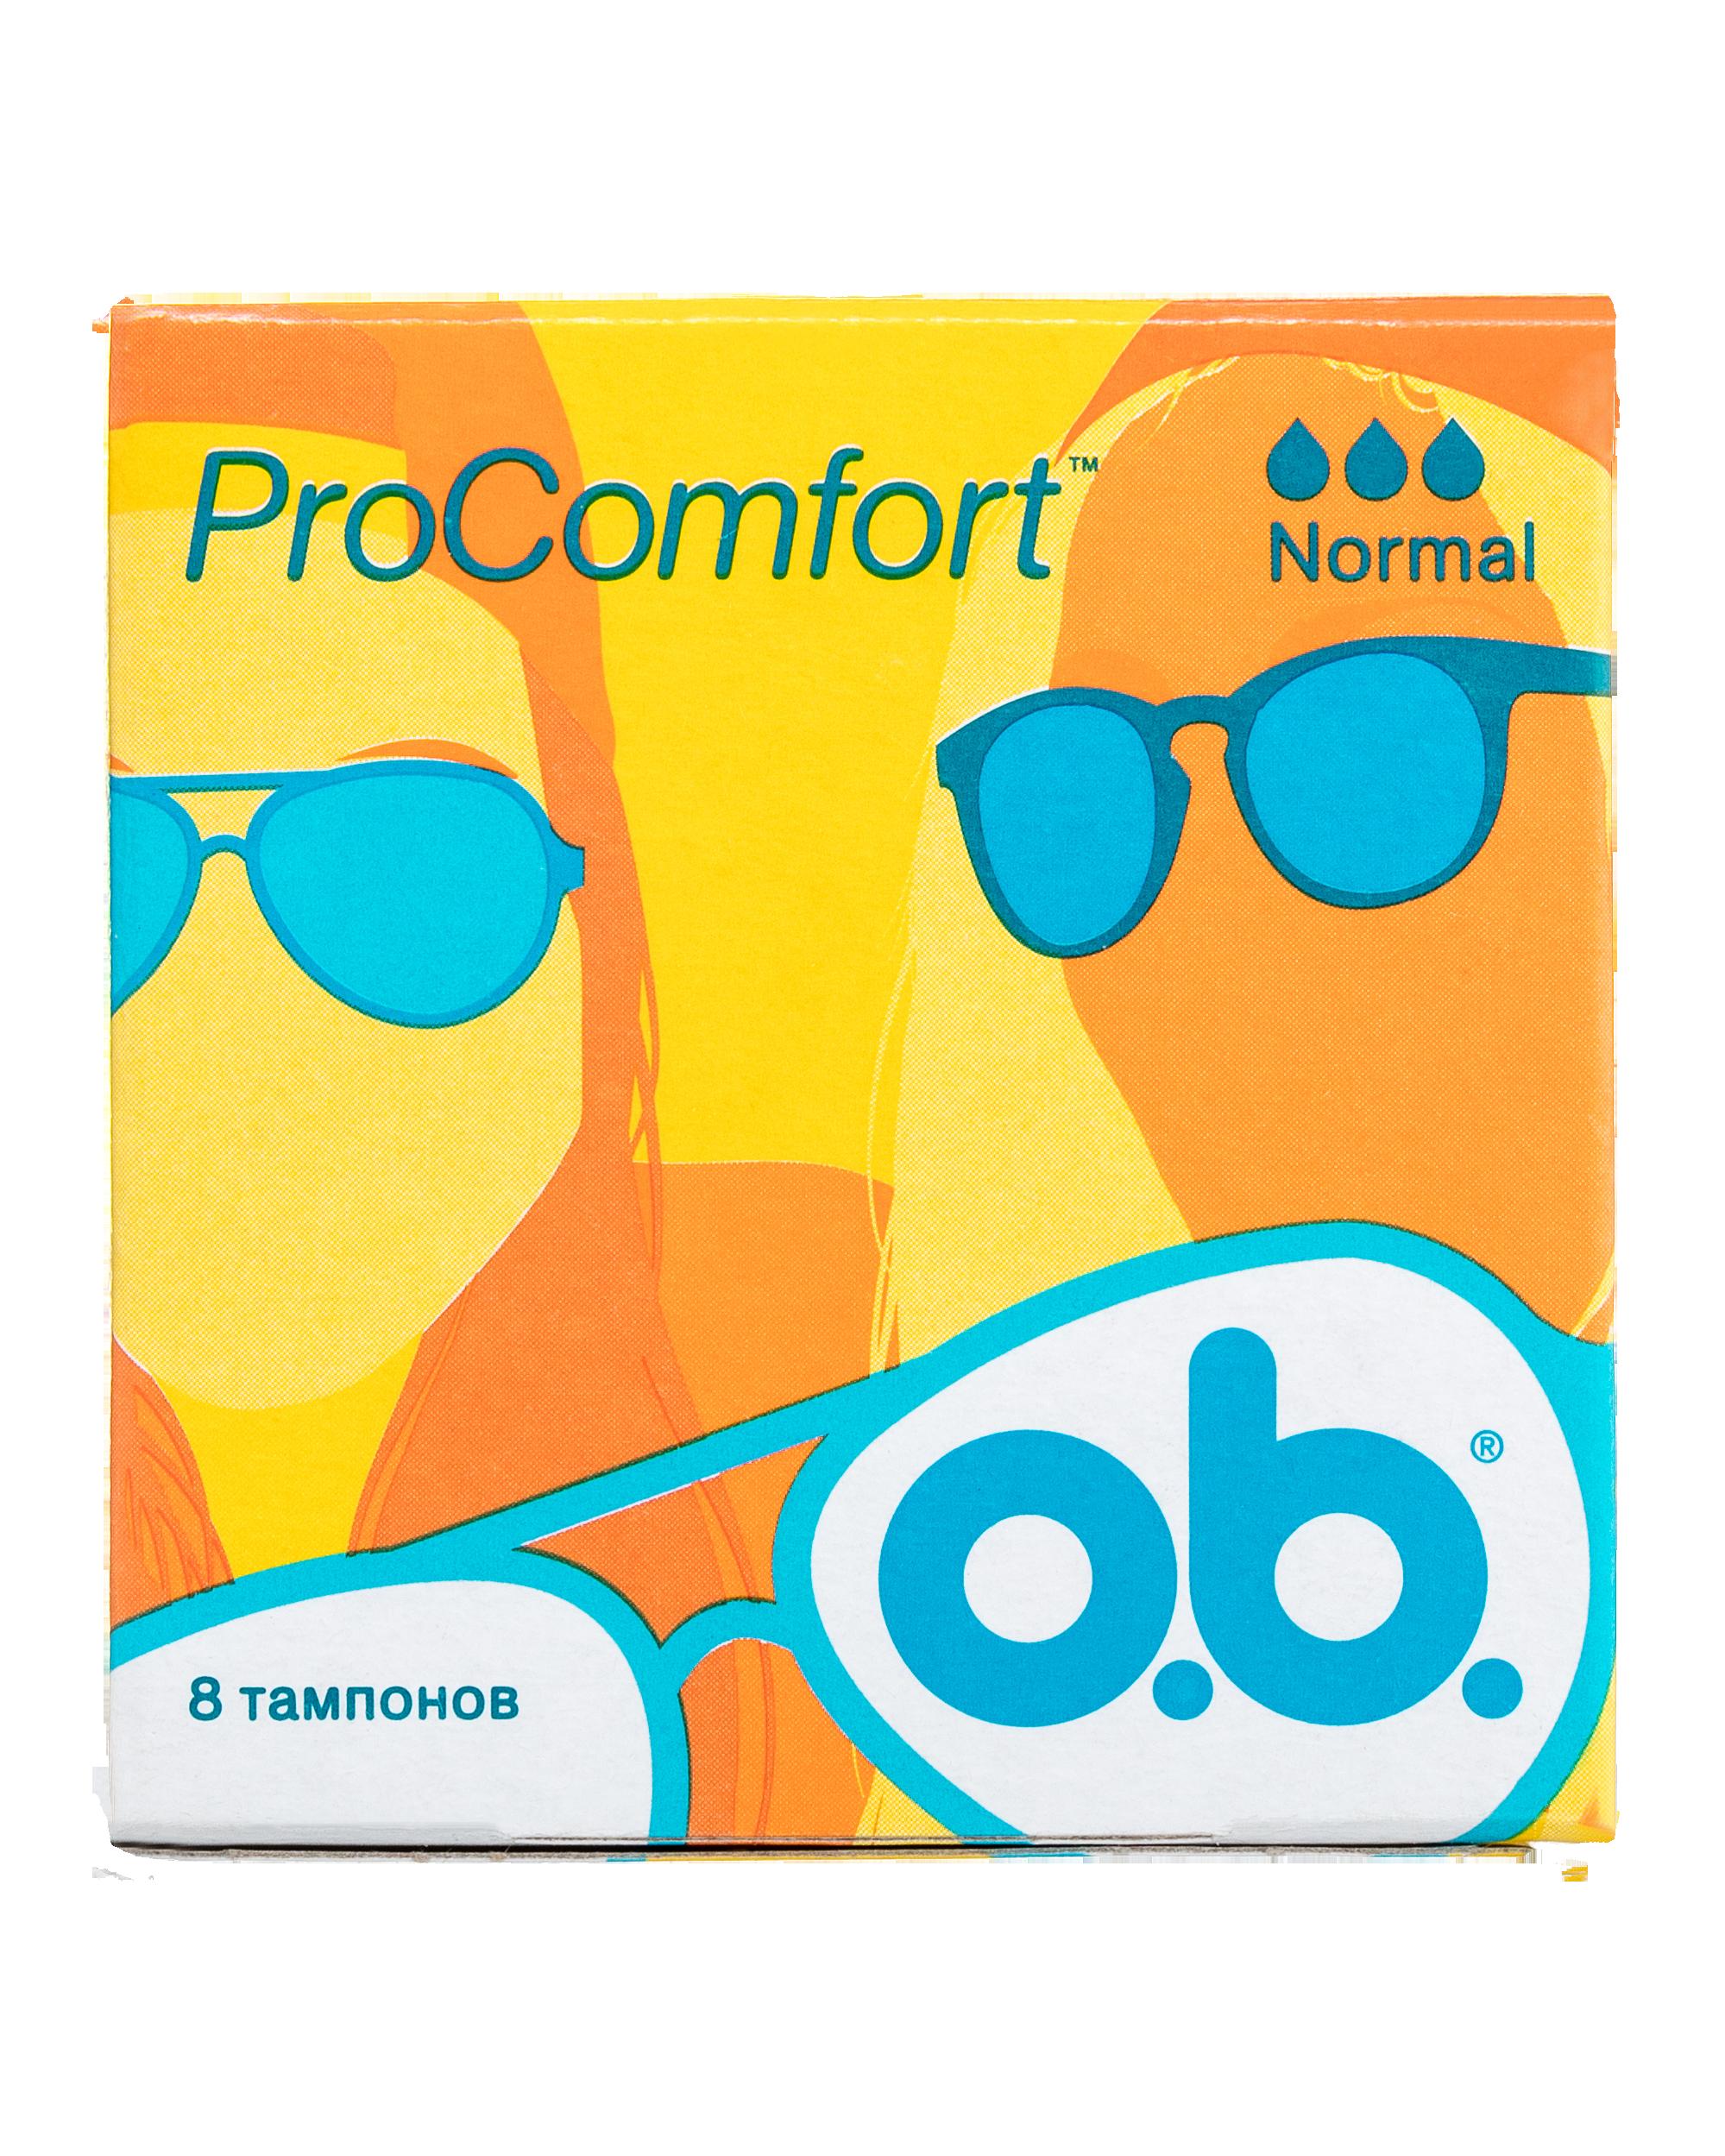 Тампоны o.b. ProComfort нормал 8шт